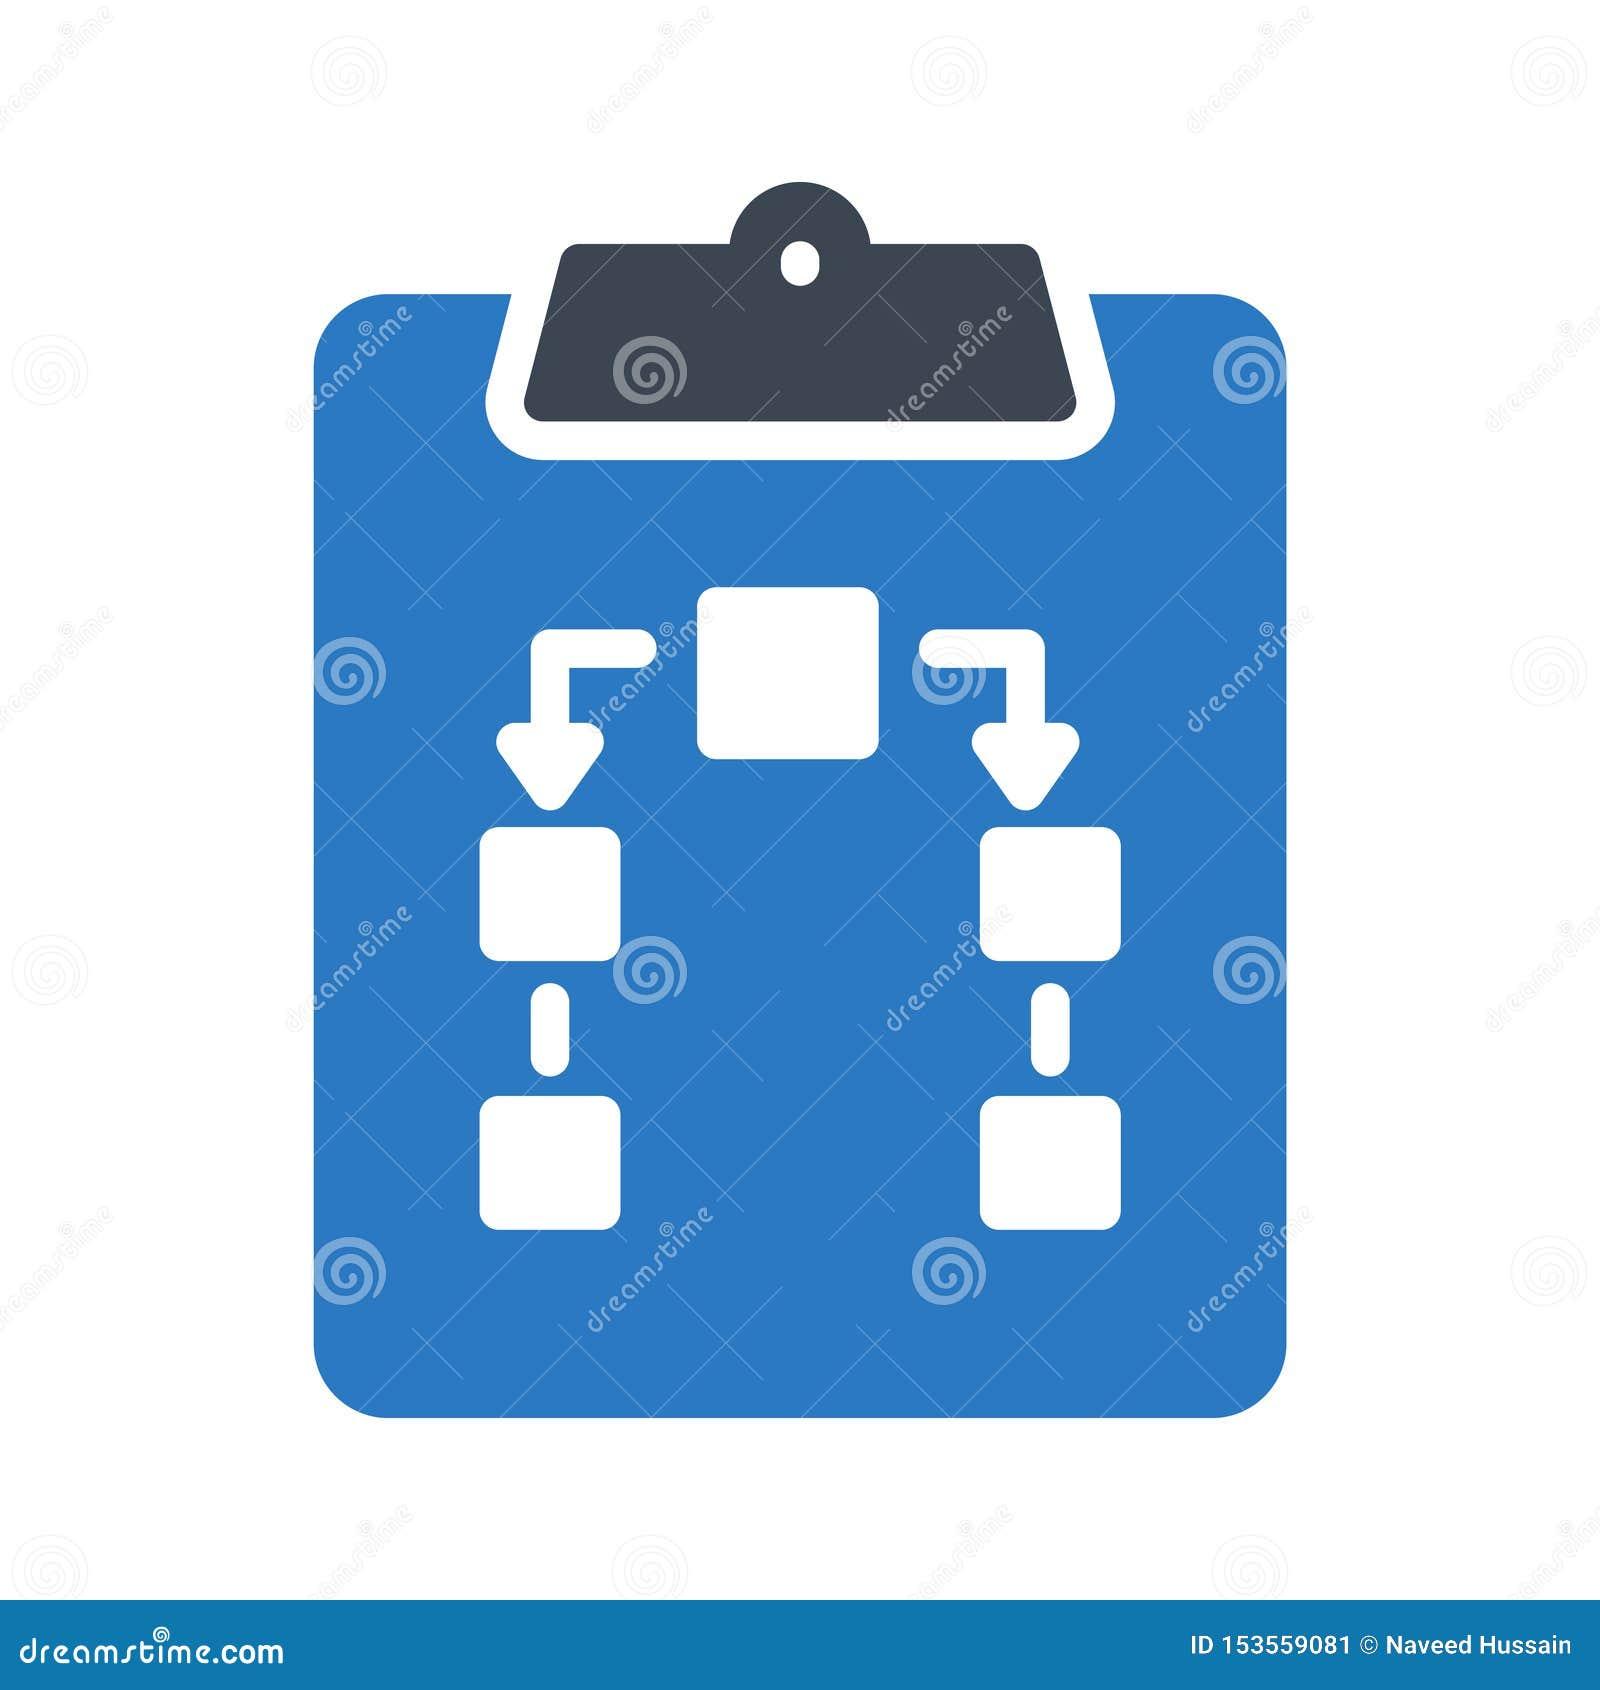 Clipboard glyph colour vector icon